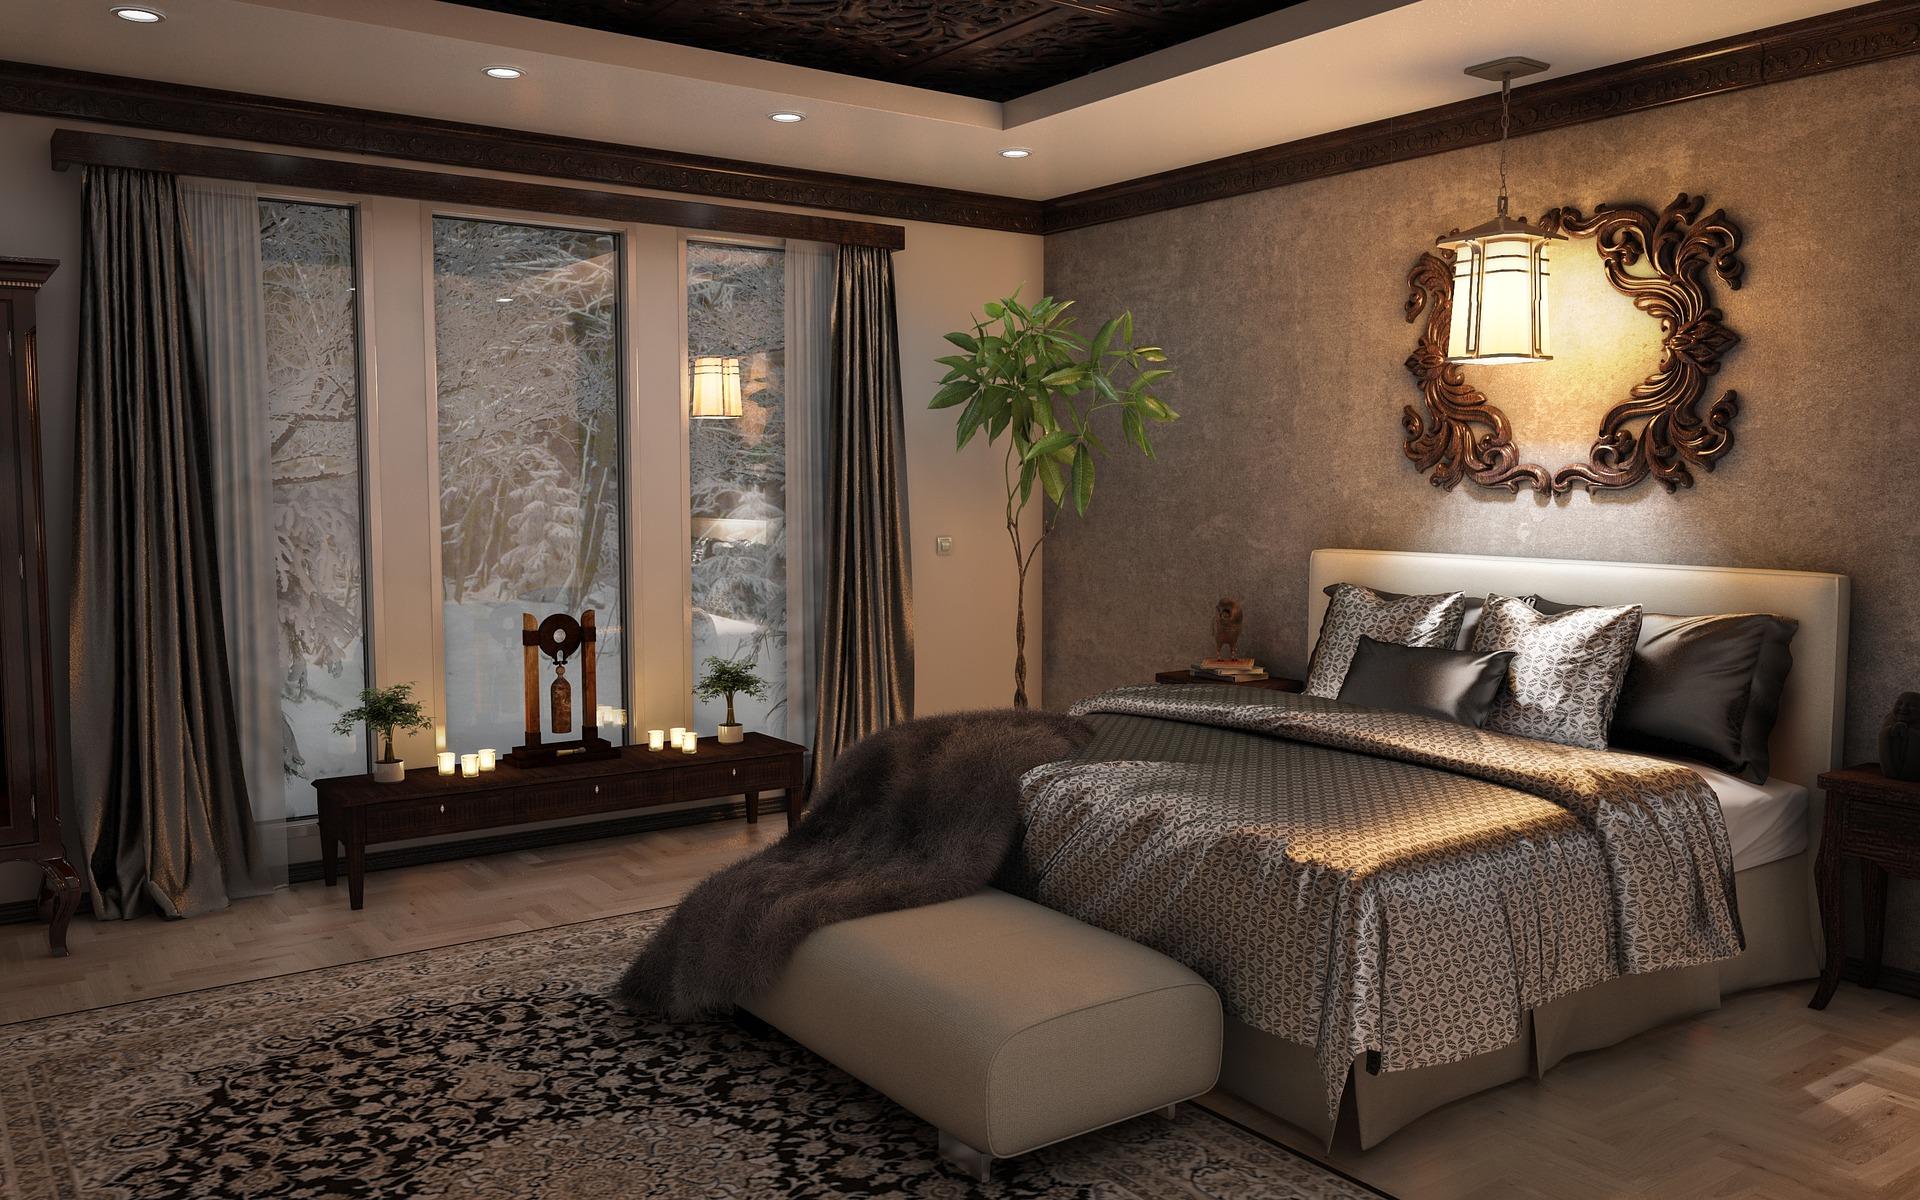 Vloer slaapkamer